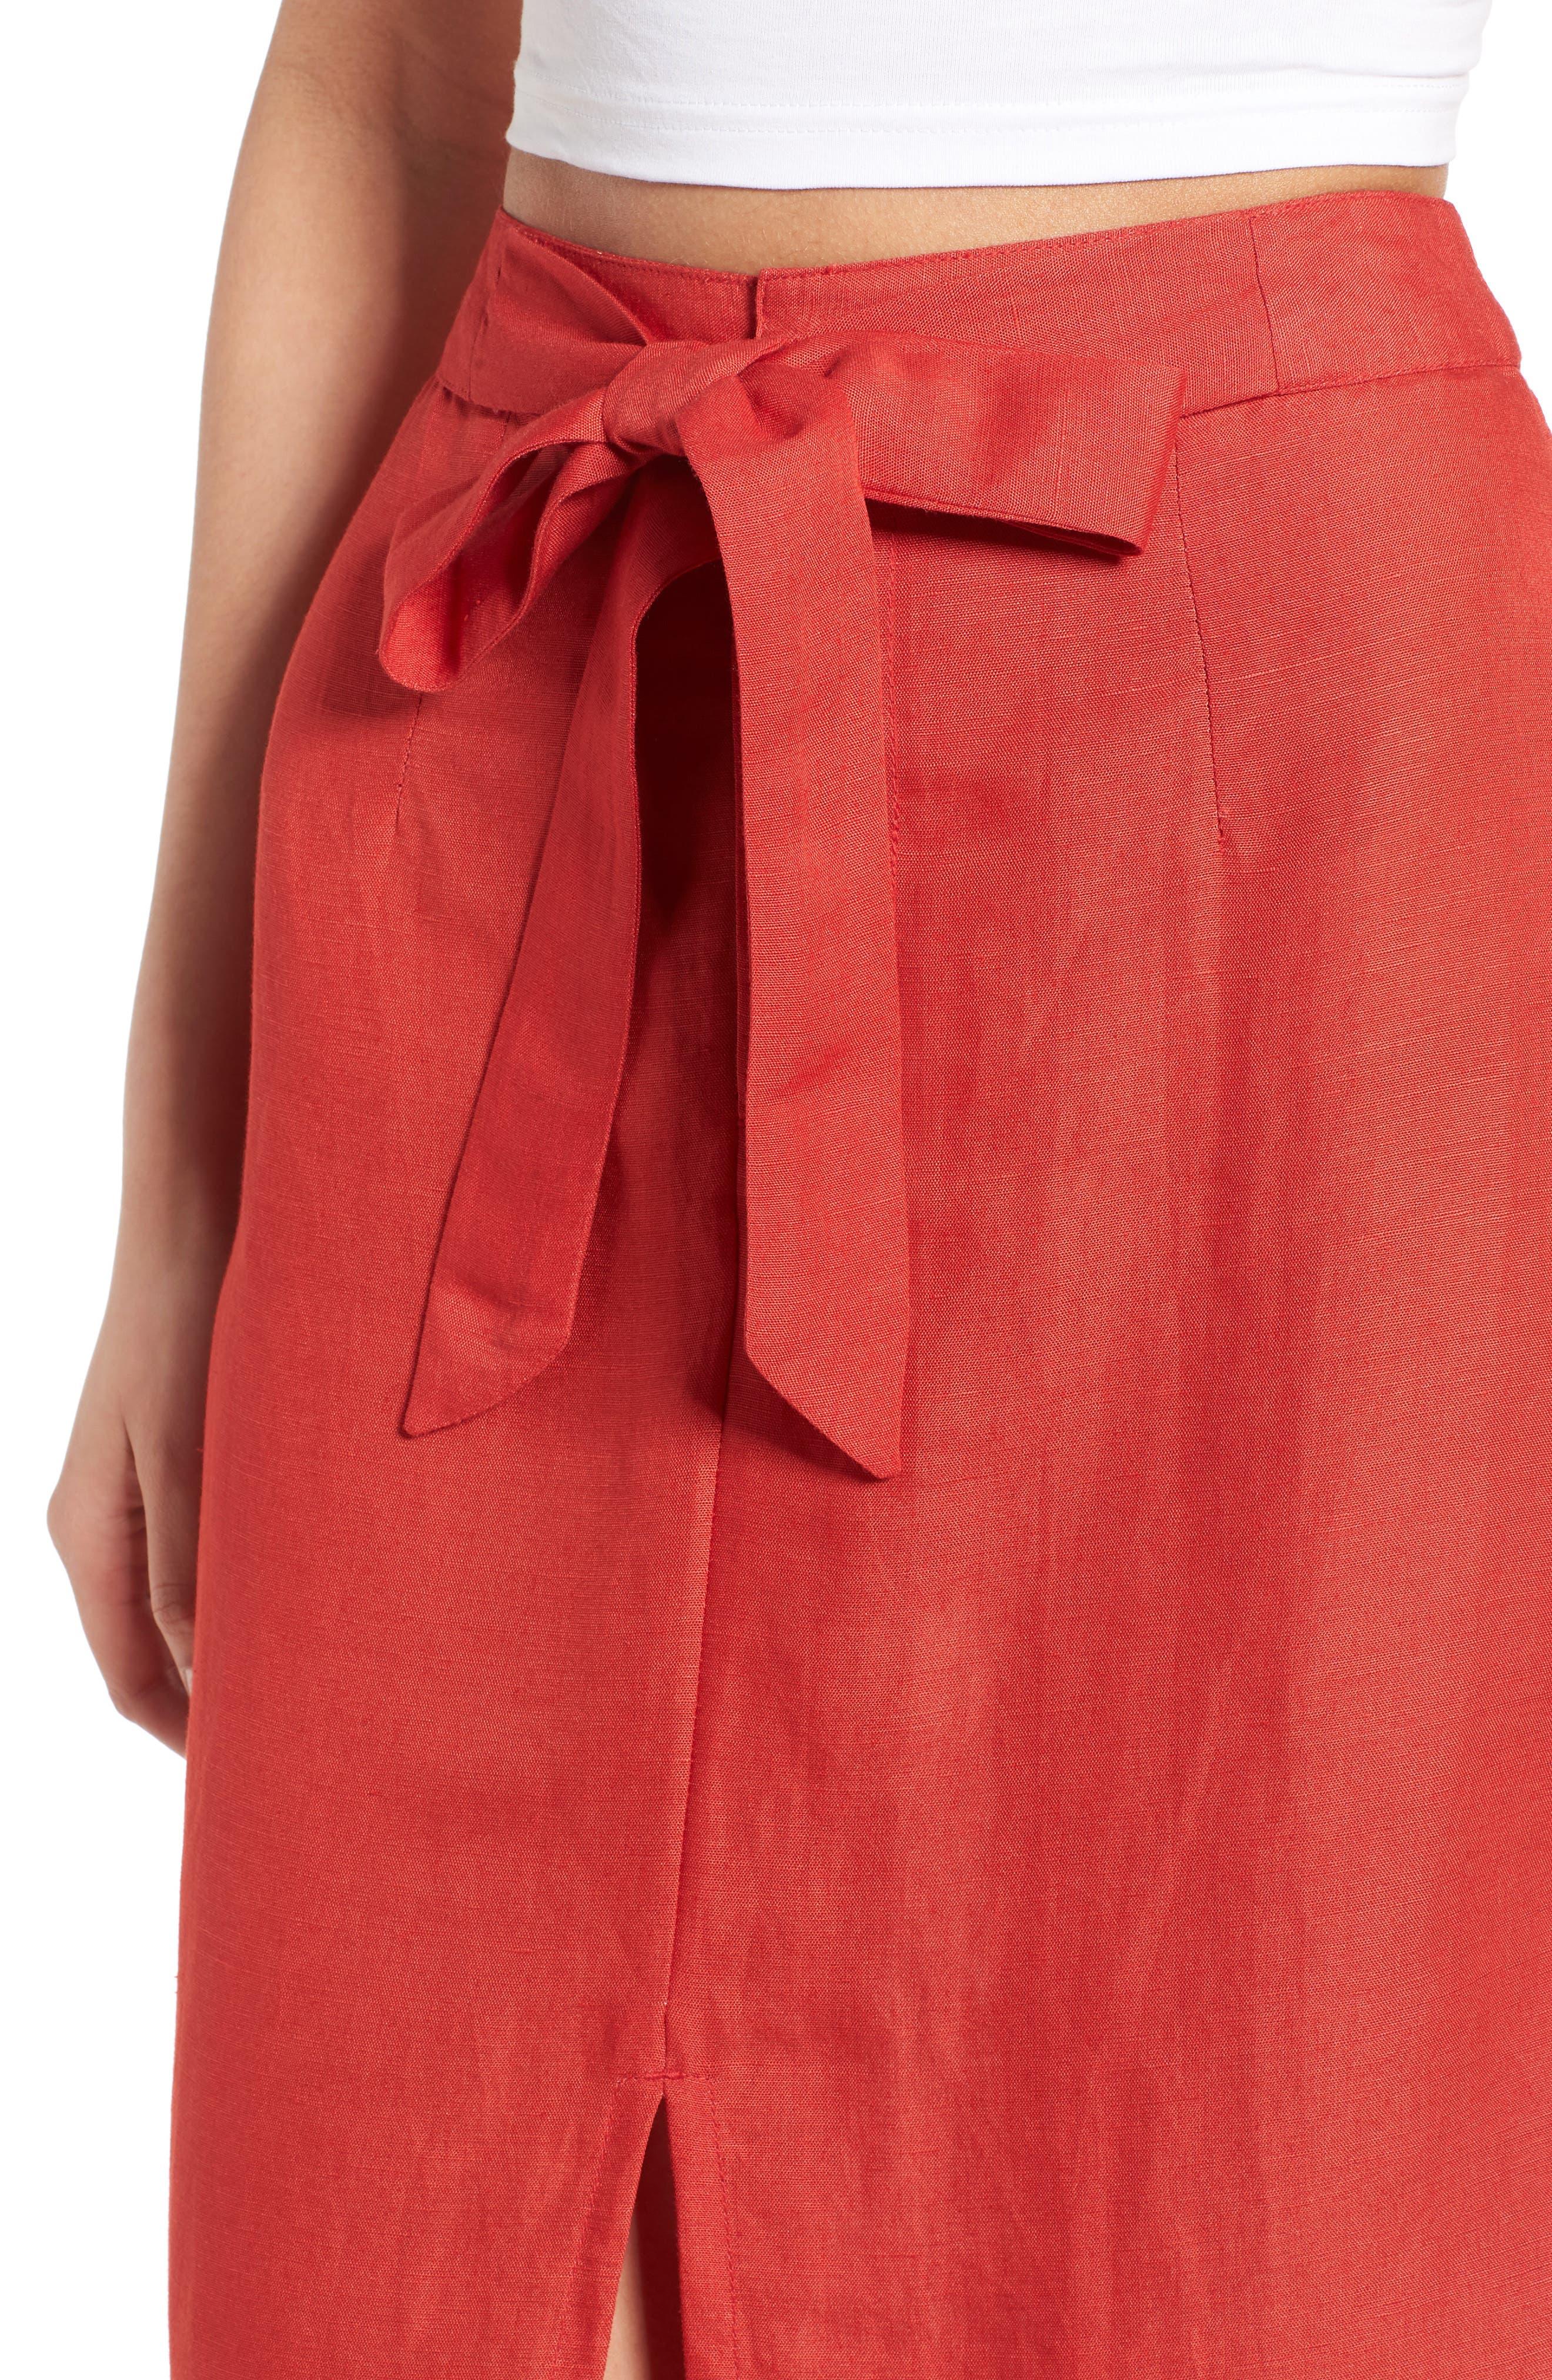 Linen Blend Midi Skirt,                             Alternate thumbnail 4, color,                             Red